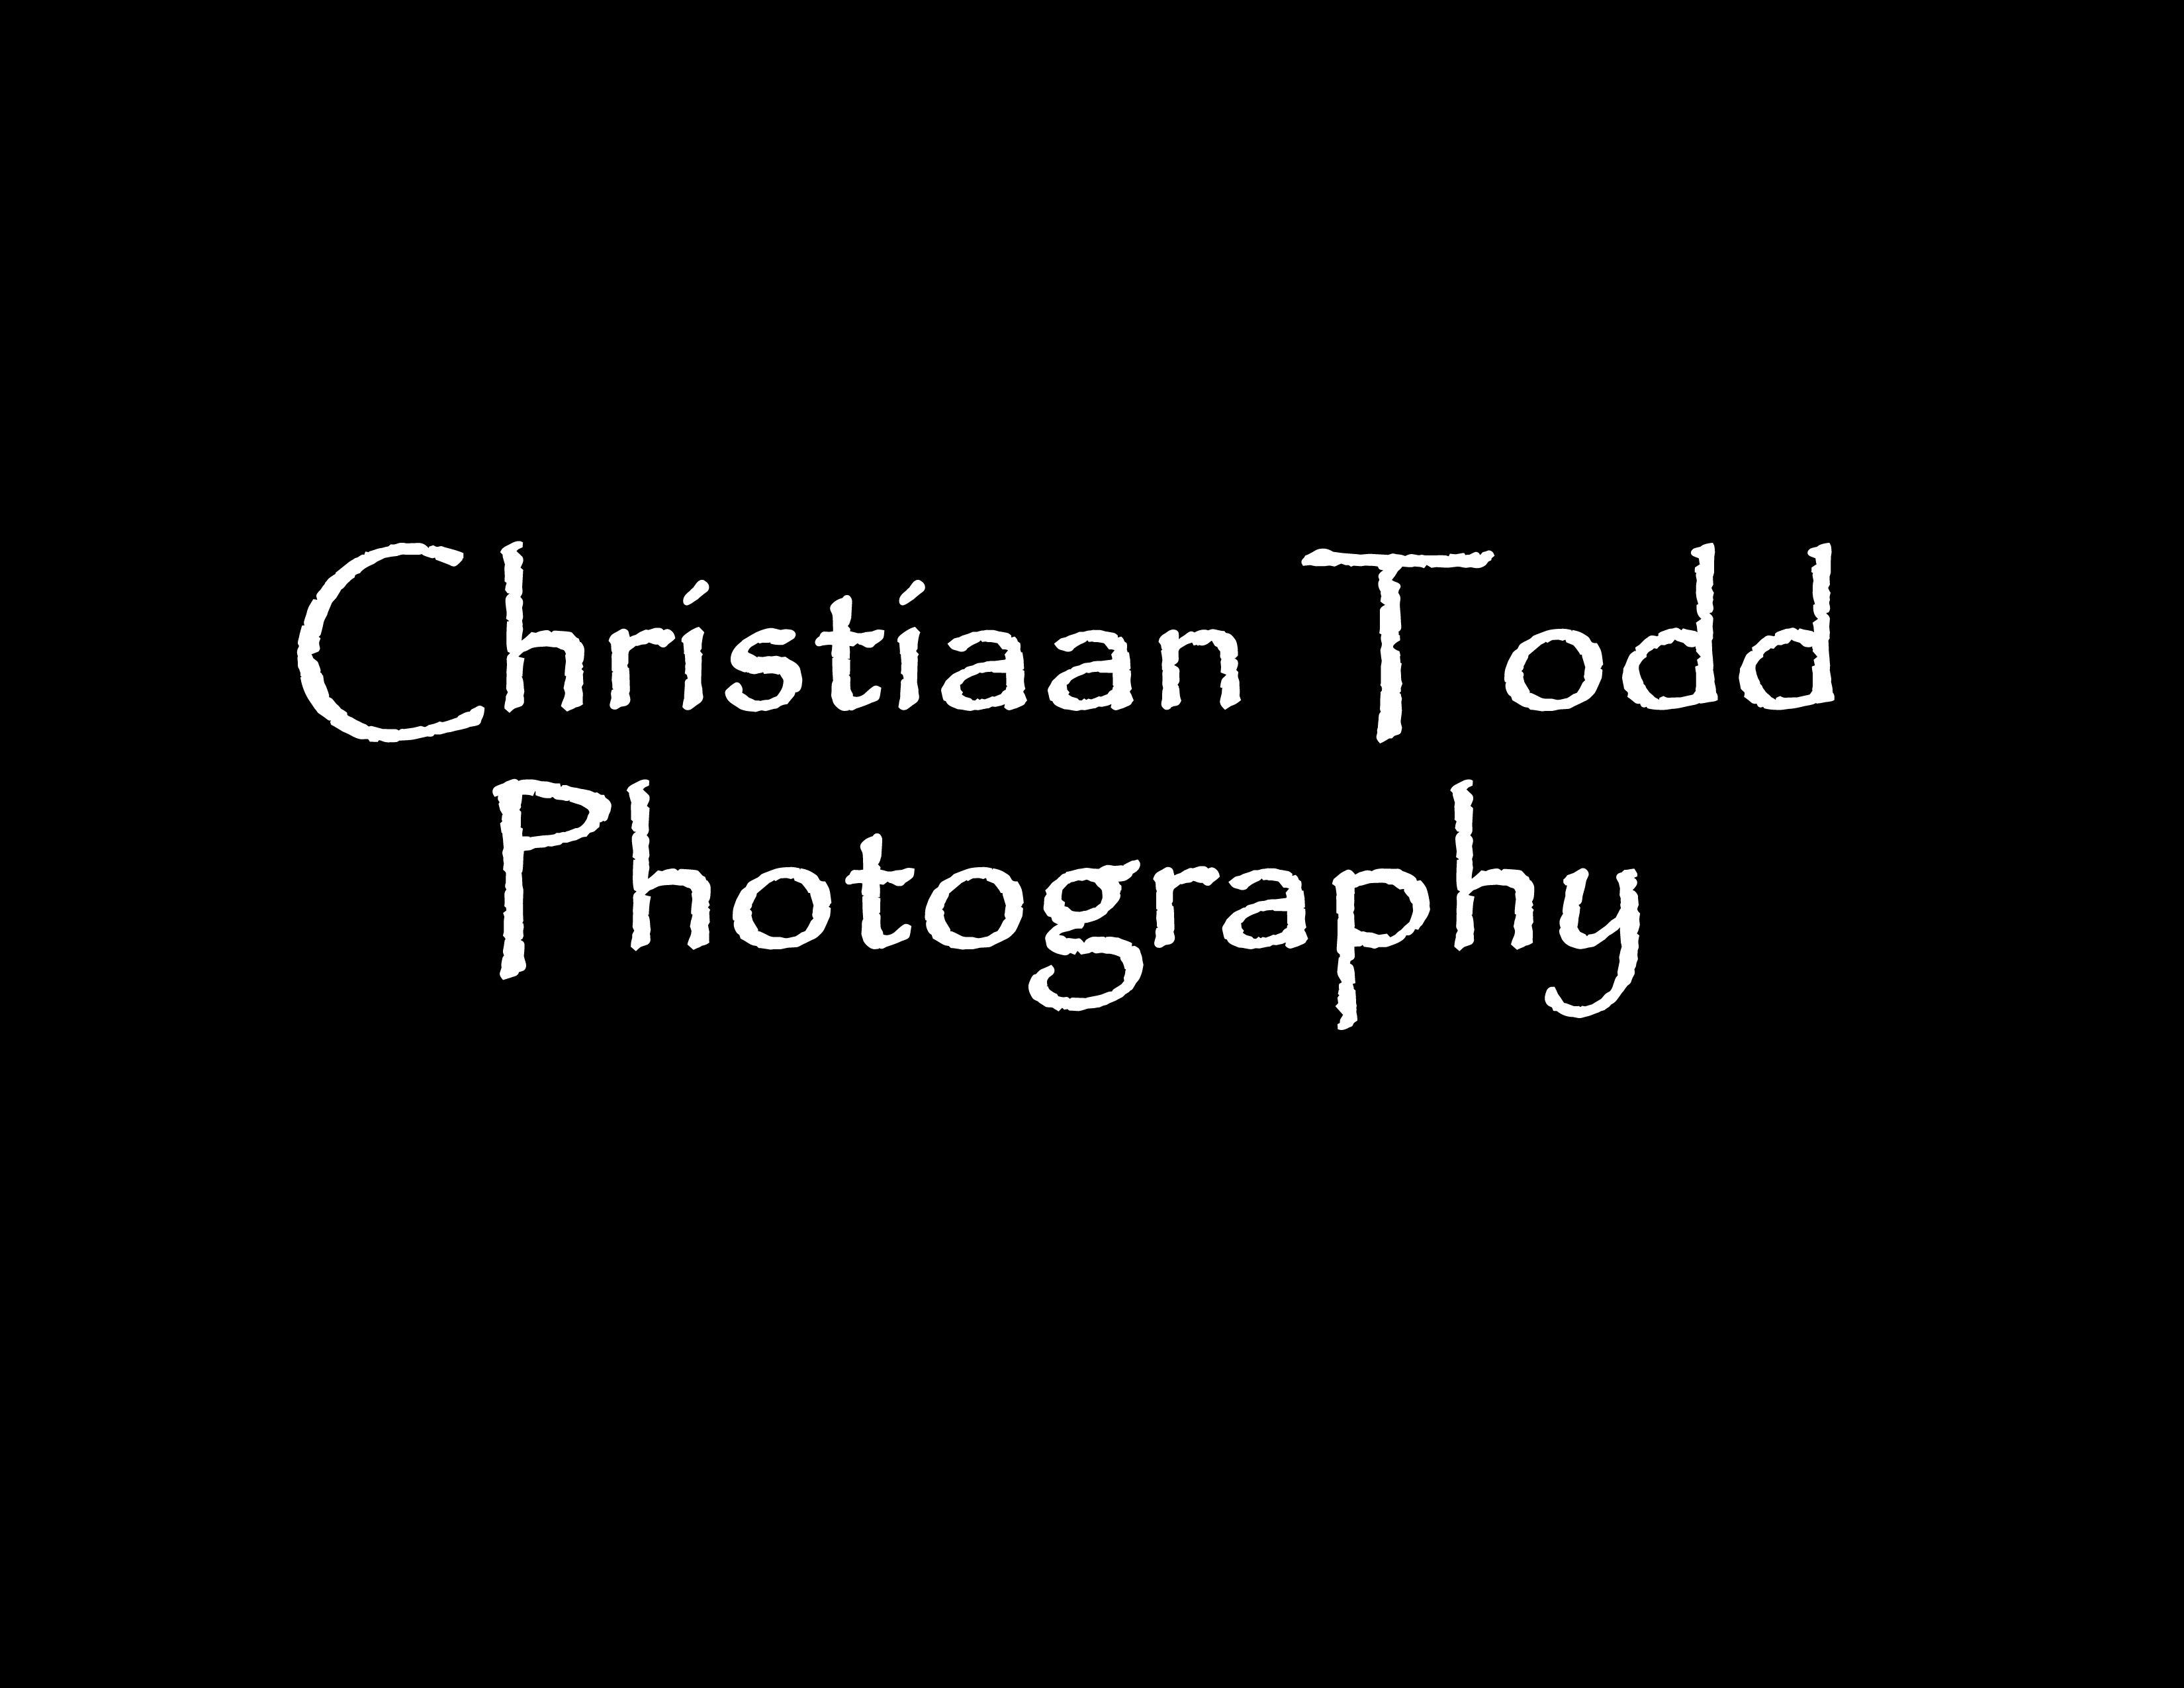 Christiaan Todd